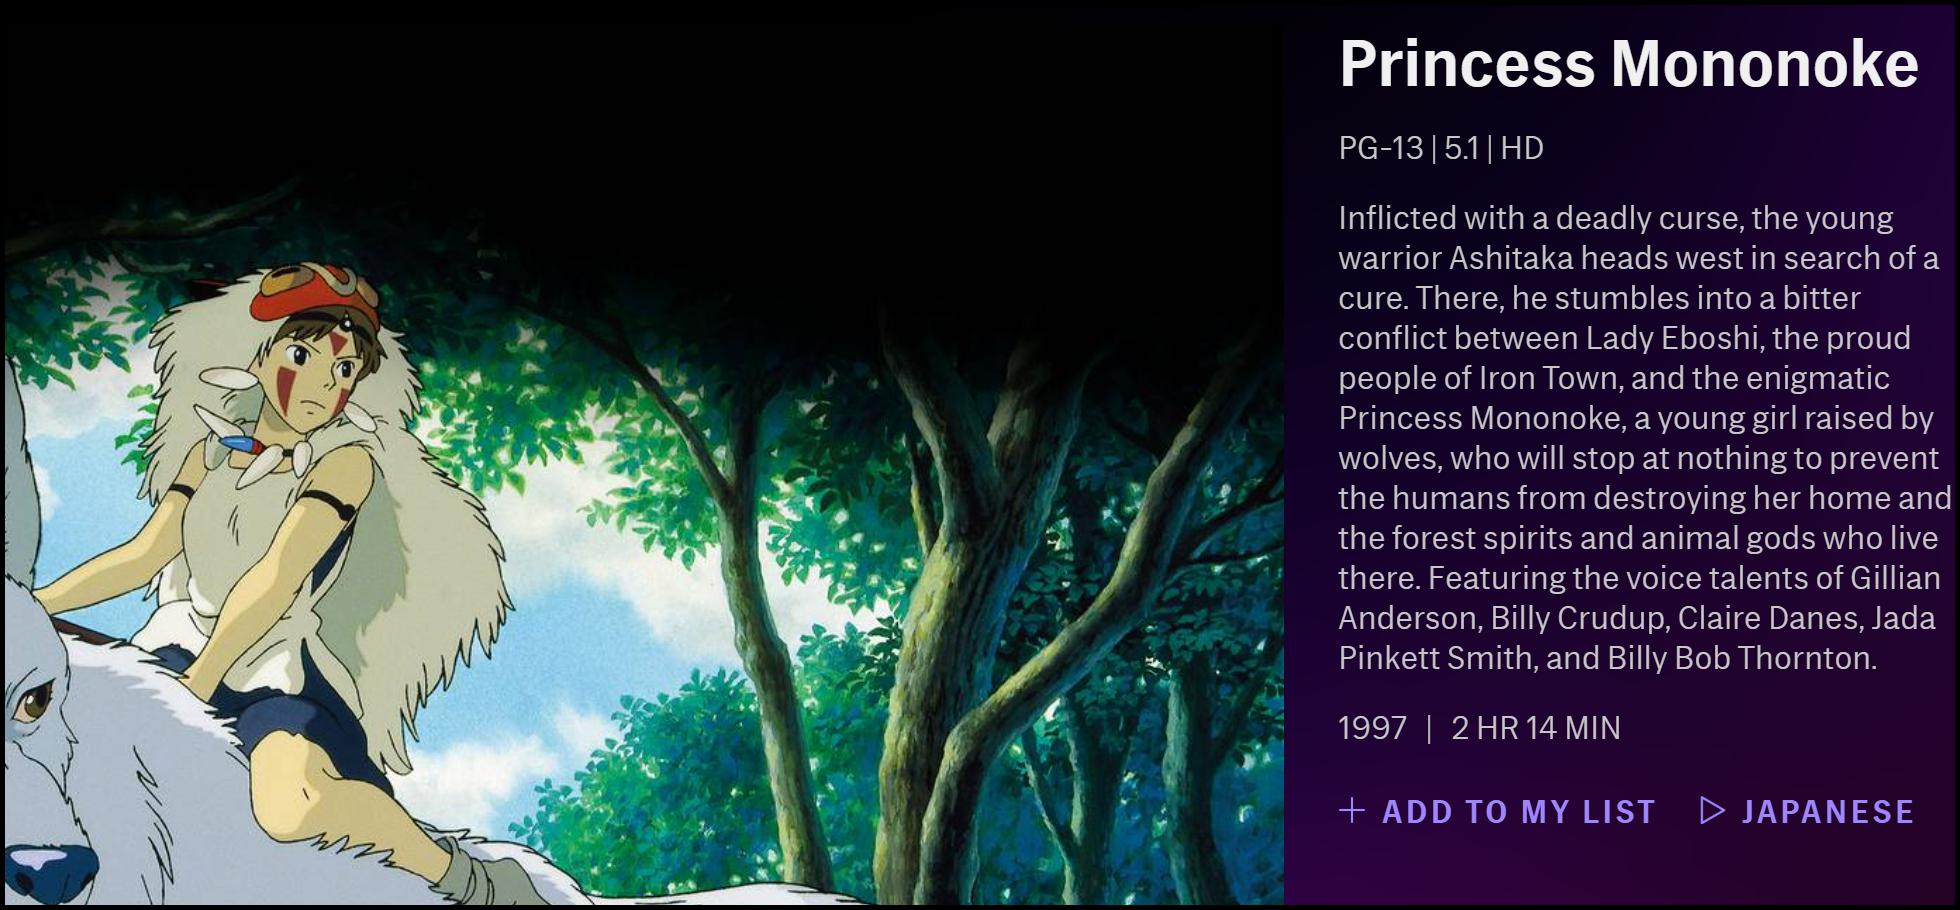 """La description de """"Princess Mononoke"""" sur HBO Max."""